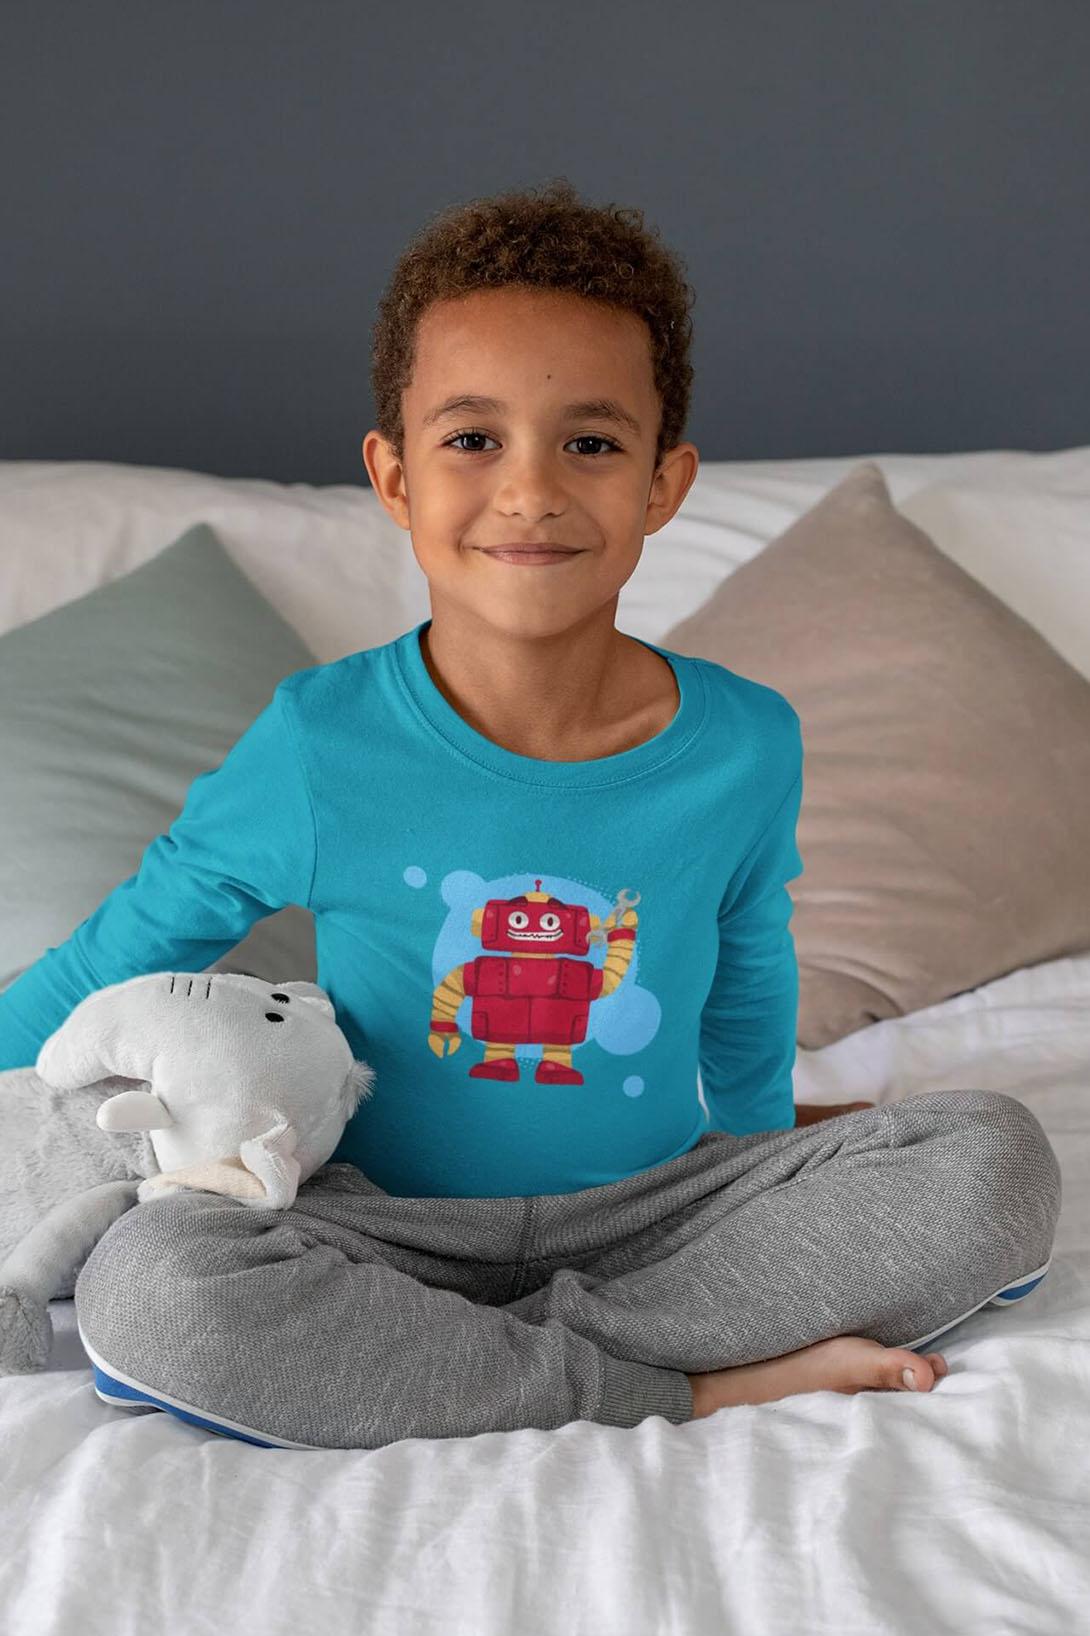 MMO Chlapčenské tričko s dlhým rukávom Robot Vyberte farbu:: Tyrkysová, Detská veľkosť: 158/12 rokov